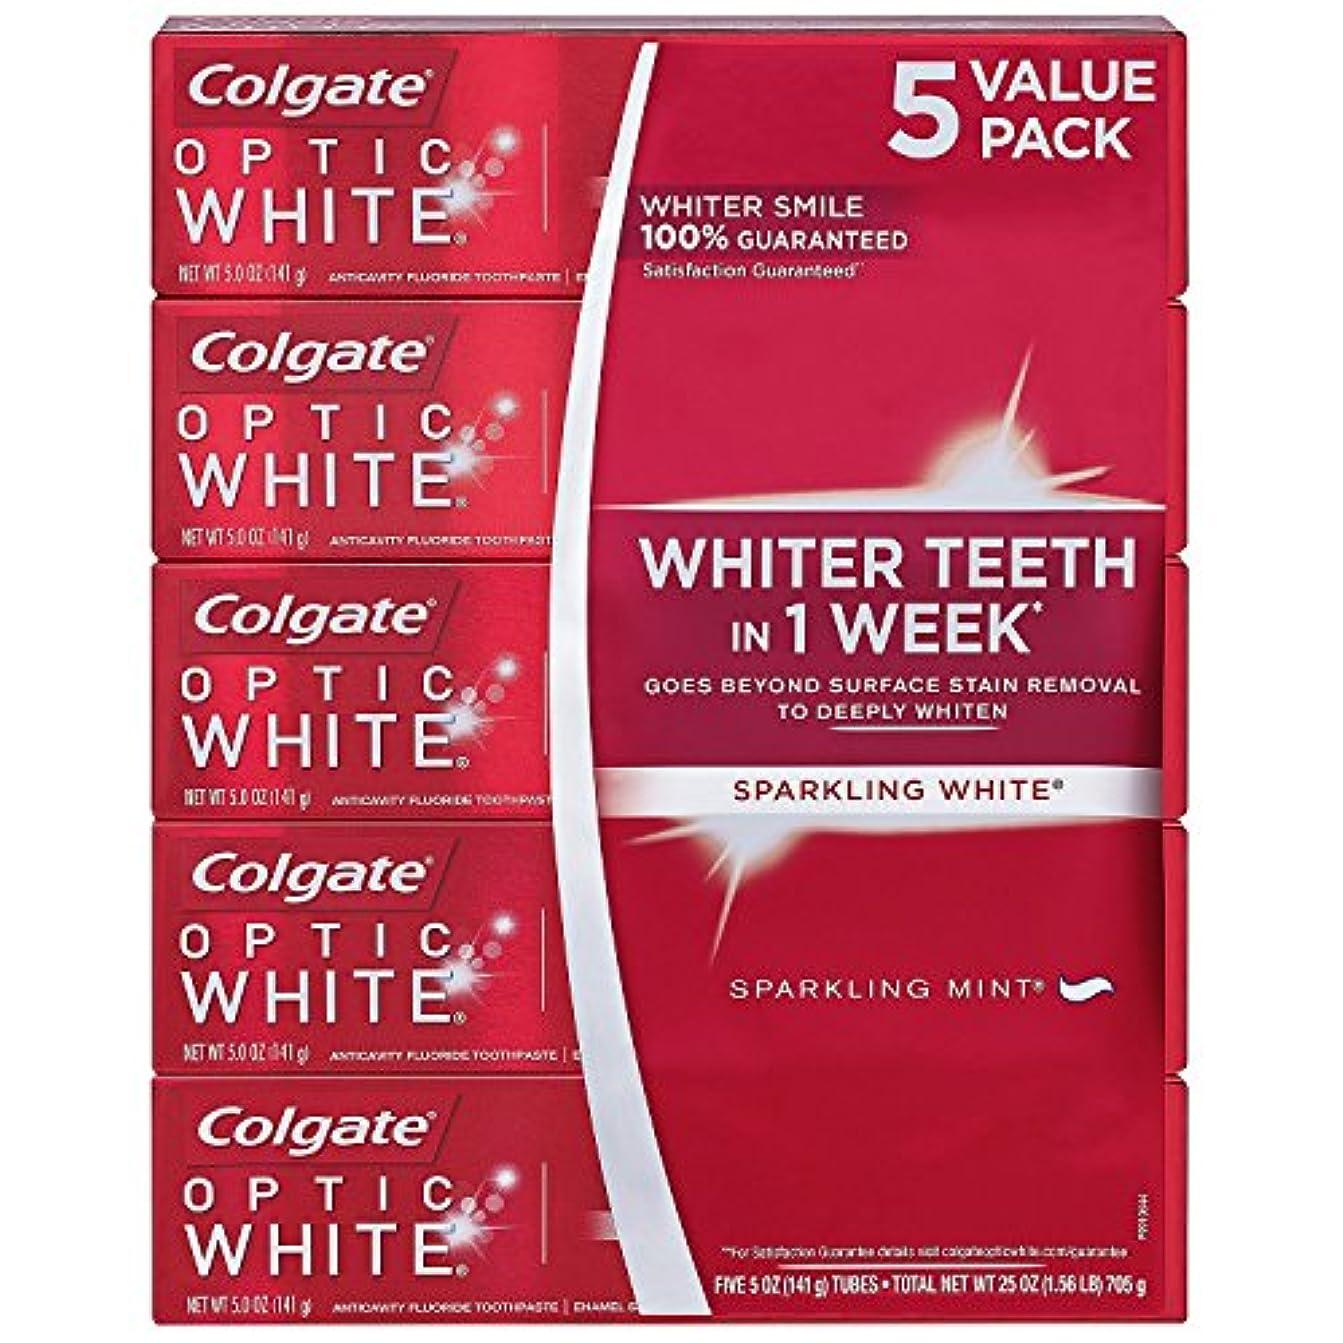 毒モロニック謎海外直送品 Colgate Optic White コルゲート オプティック ホワイト スパークリングミント141g ×5本 [Pack of 5]